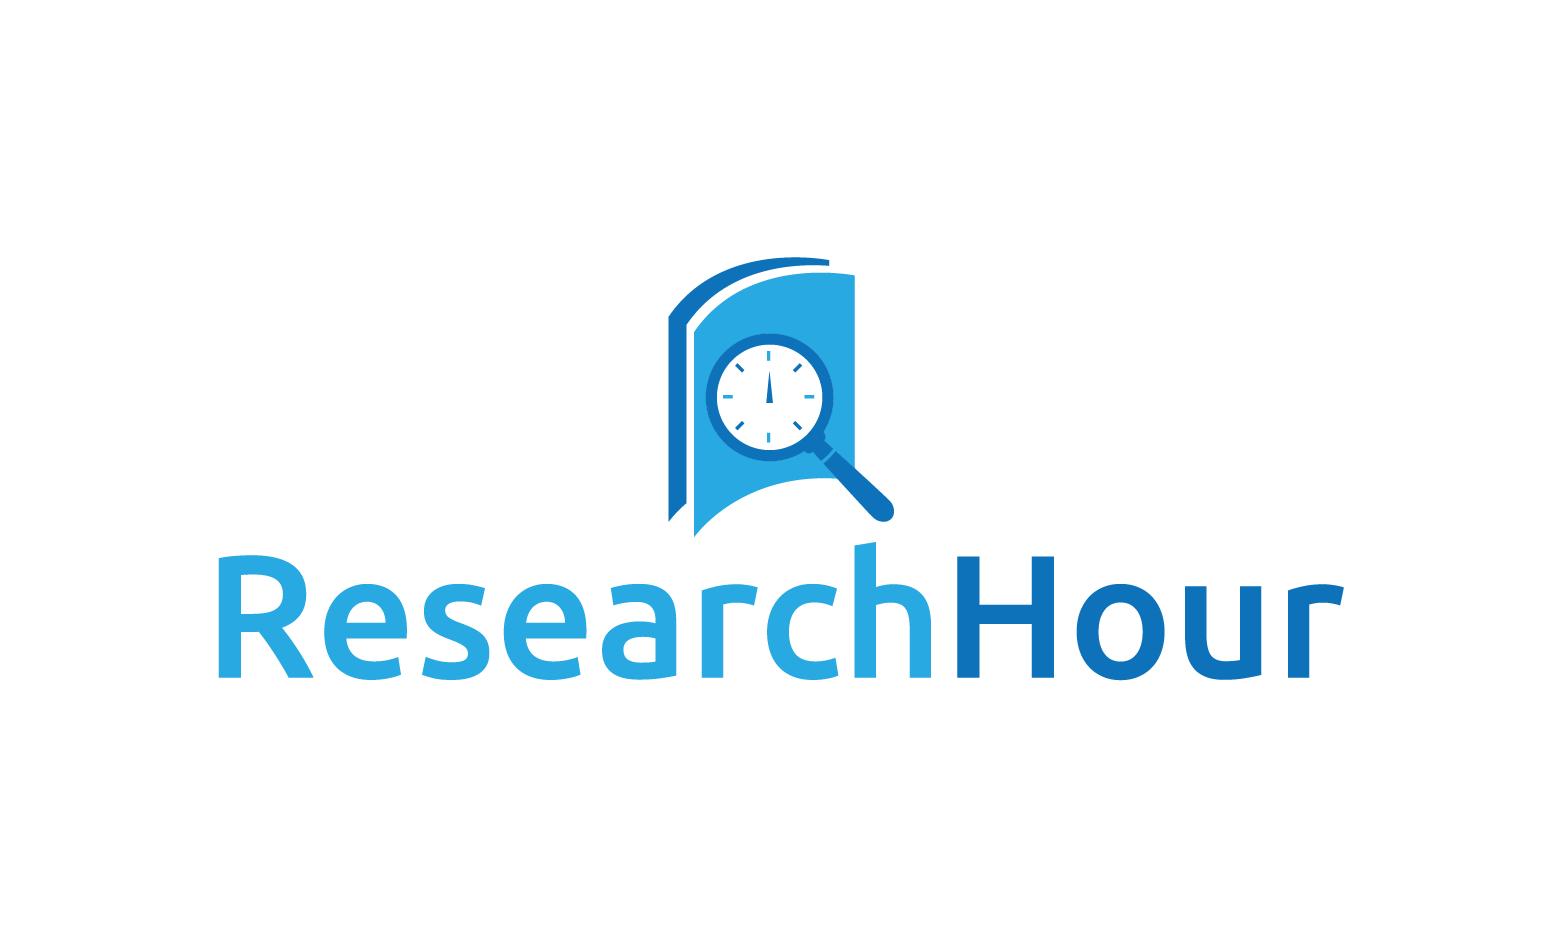 ResearchHour.com